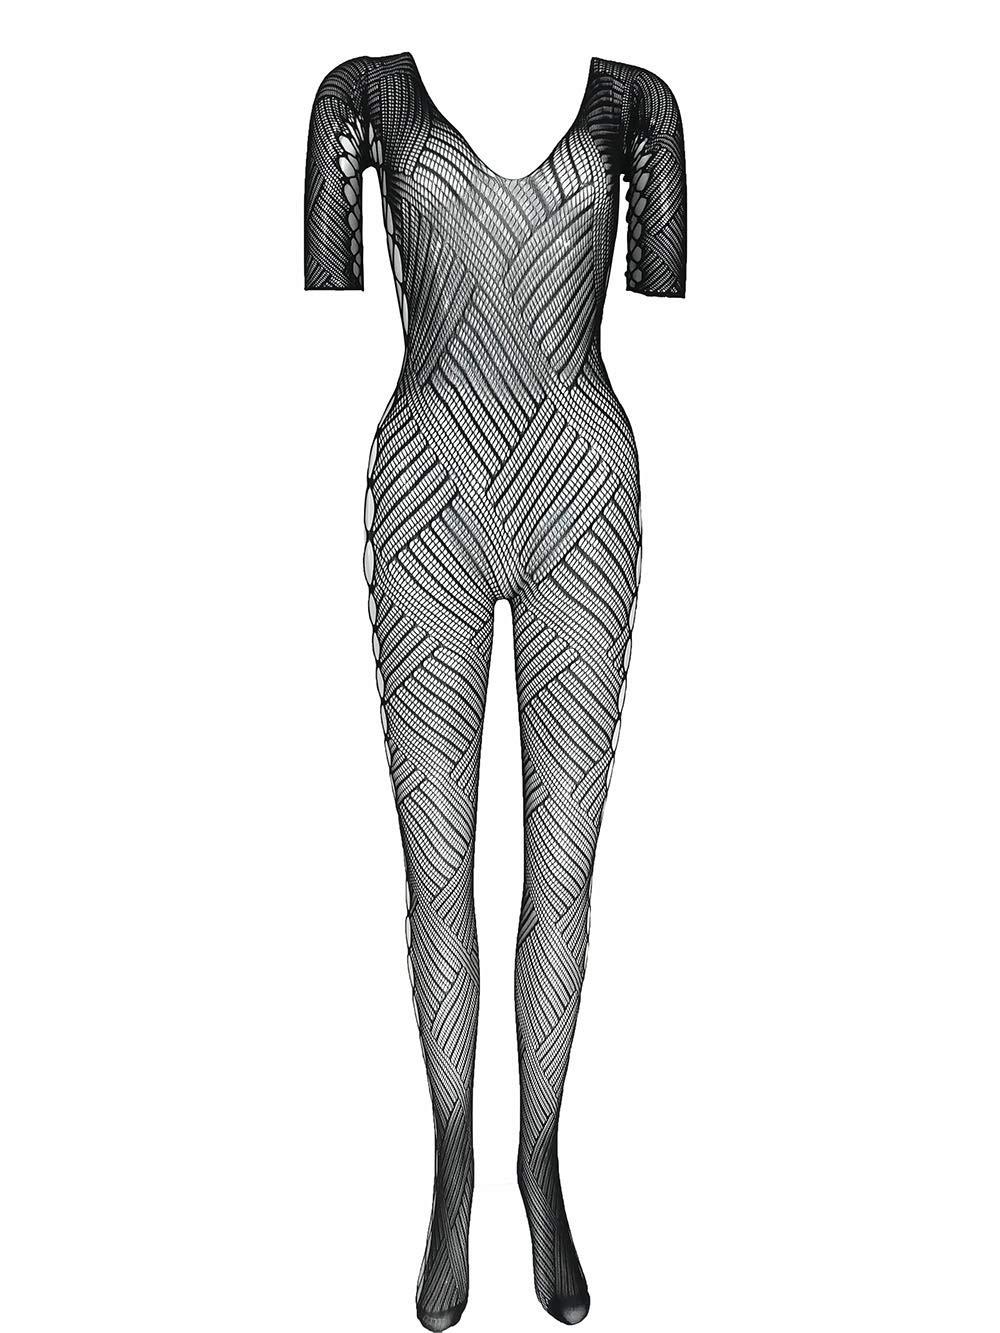 LemonGirl Women Fishnet Lingerie Bodystockings Babydoll Bodysuit Stockings One Size